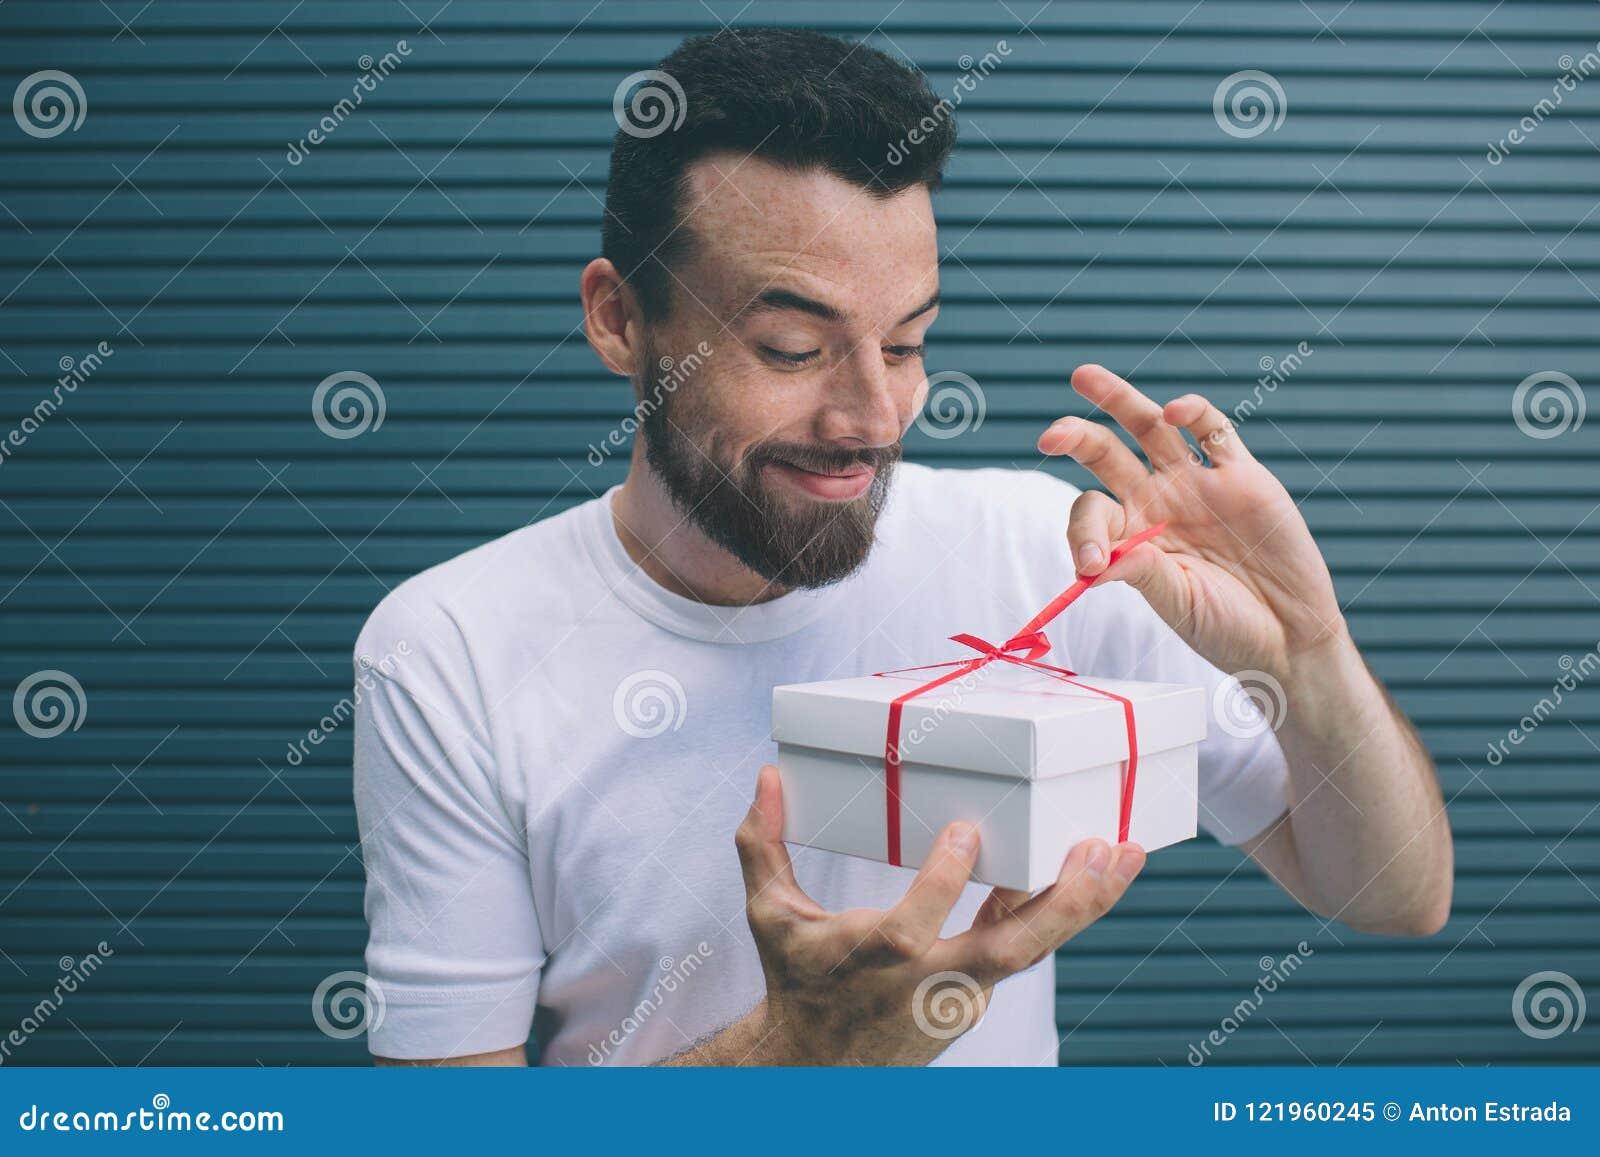 Le type délicieux et gentil ouvre la boîte actuelle Il regarde l irt et retire le ruban rouge Il est très enthousiaste